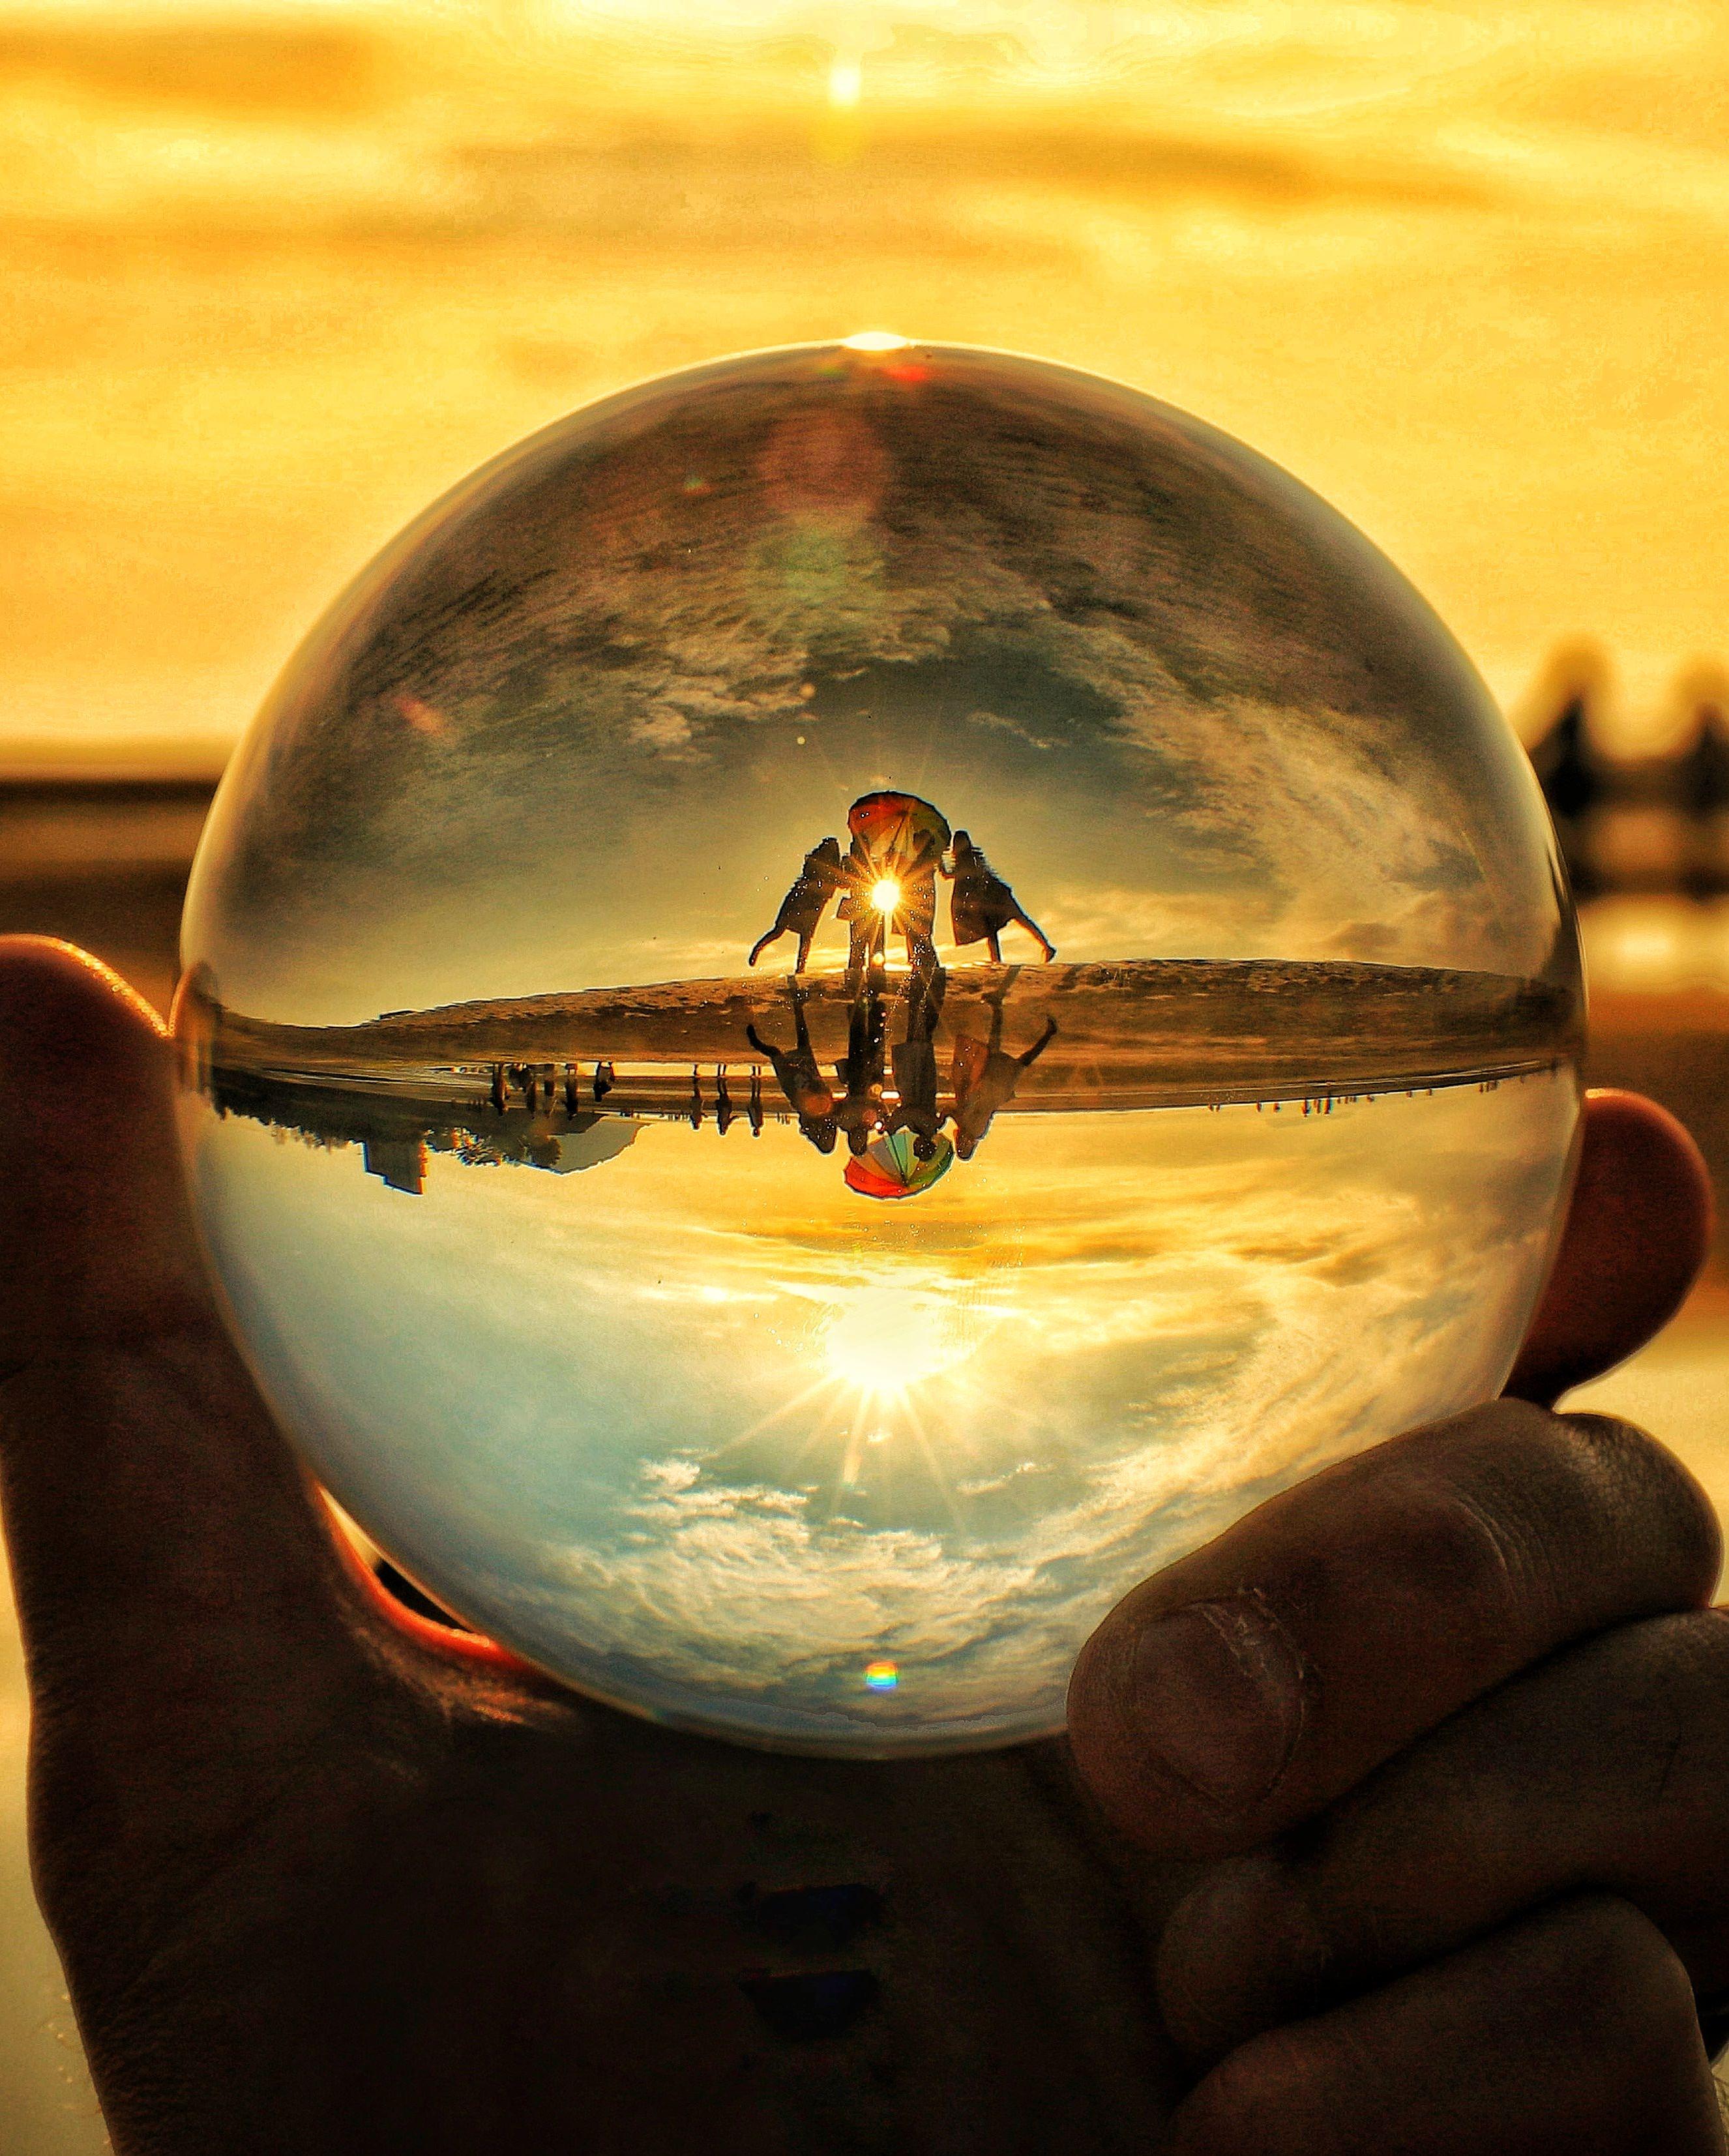 水晶球から覗く女子4人組の思い出の写真